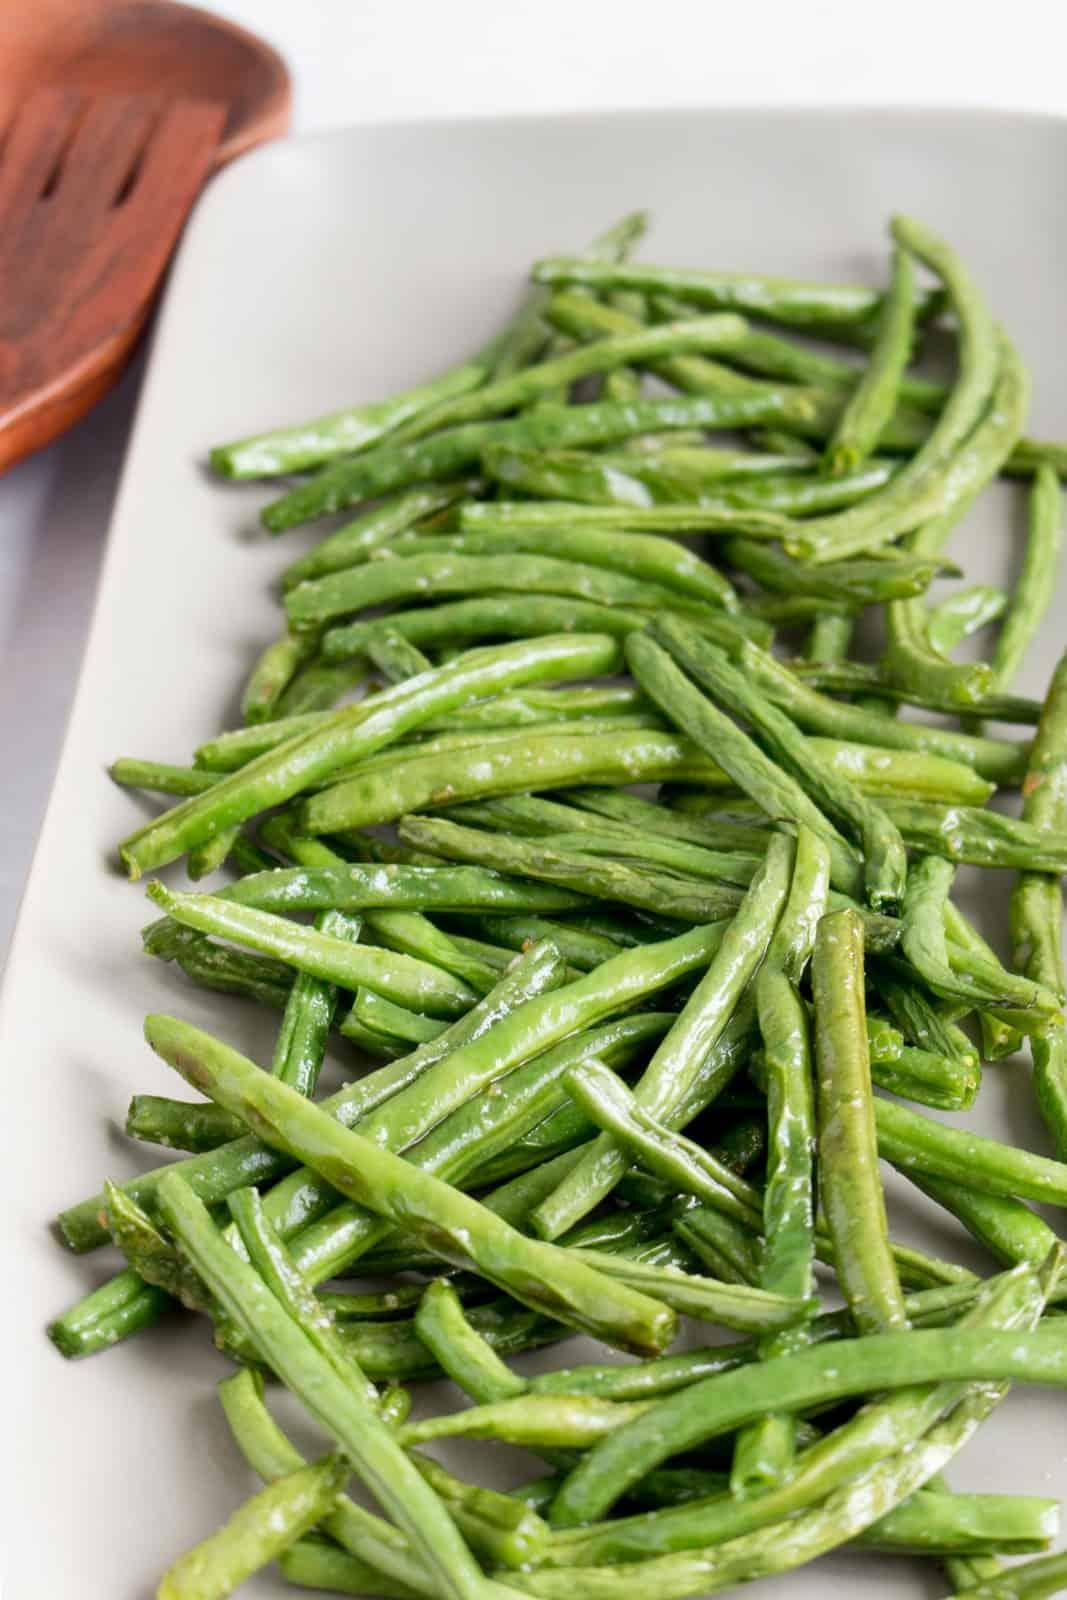 Air fryer green beans on a platter.